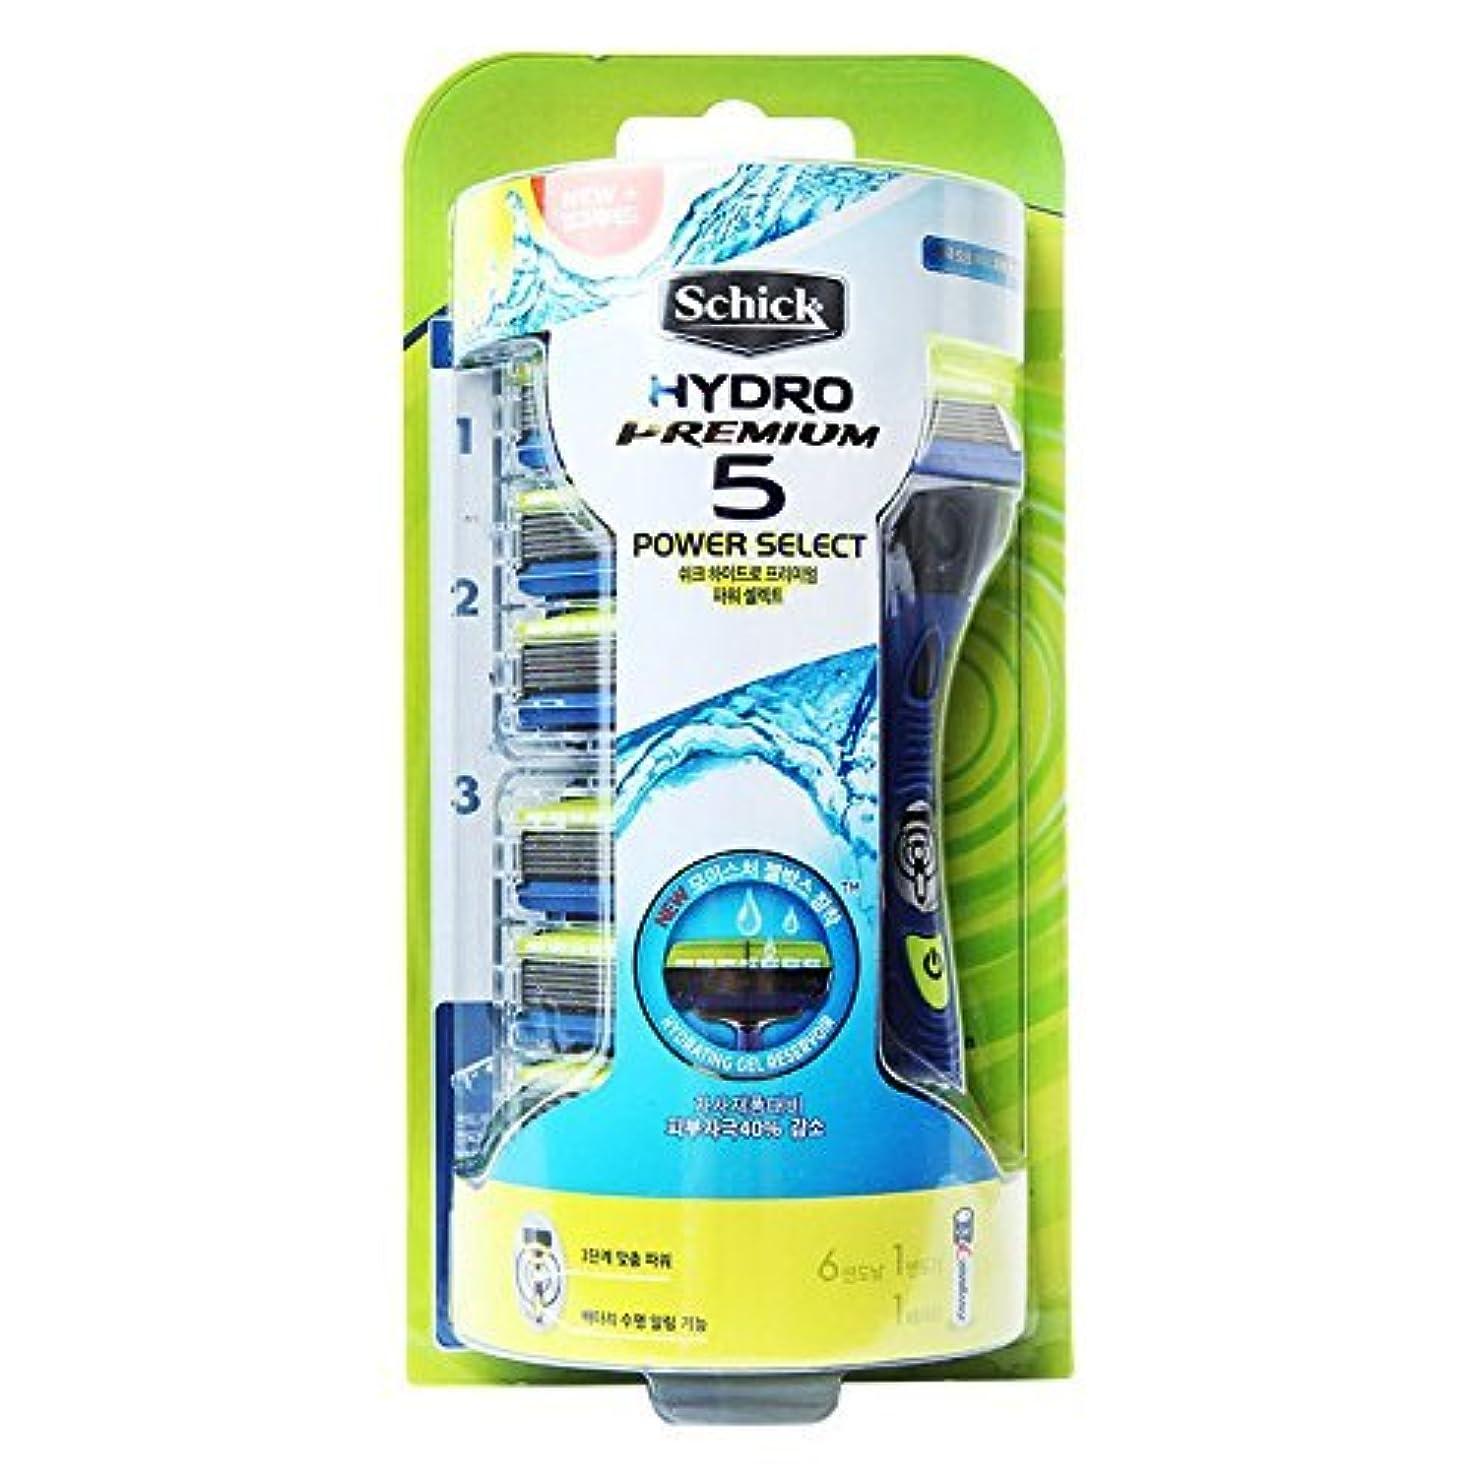 汚れた気晴らしラップトップSchick HYDRO 5 Premium Power Select Razor / カミソリの刃6個が含ま [並行輸入品]